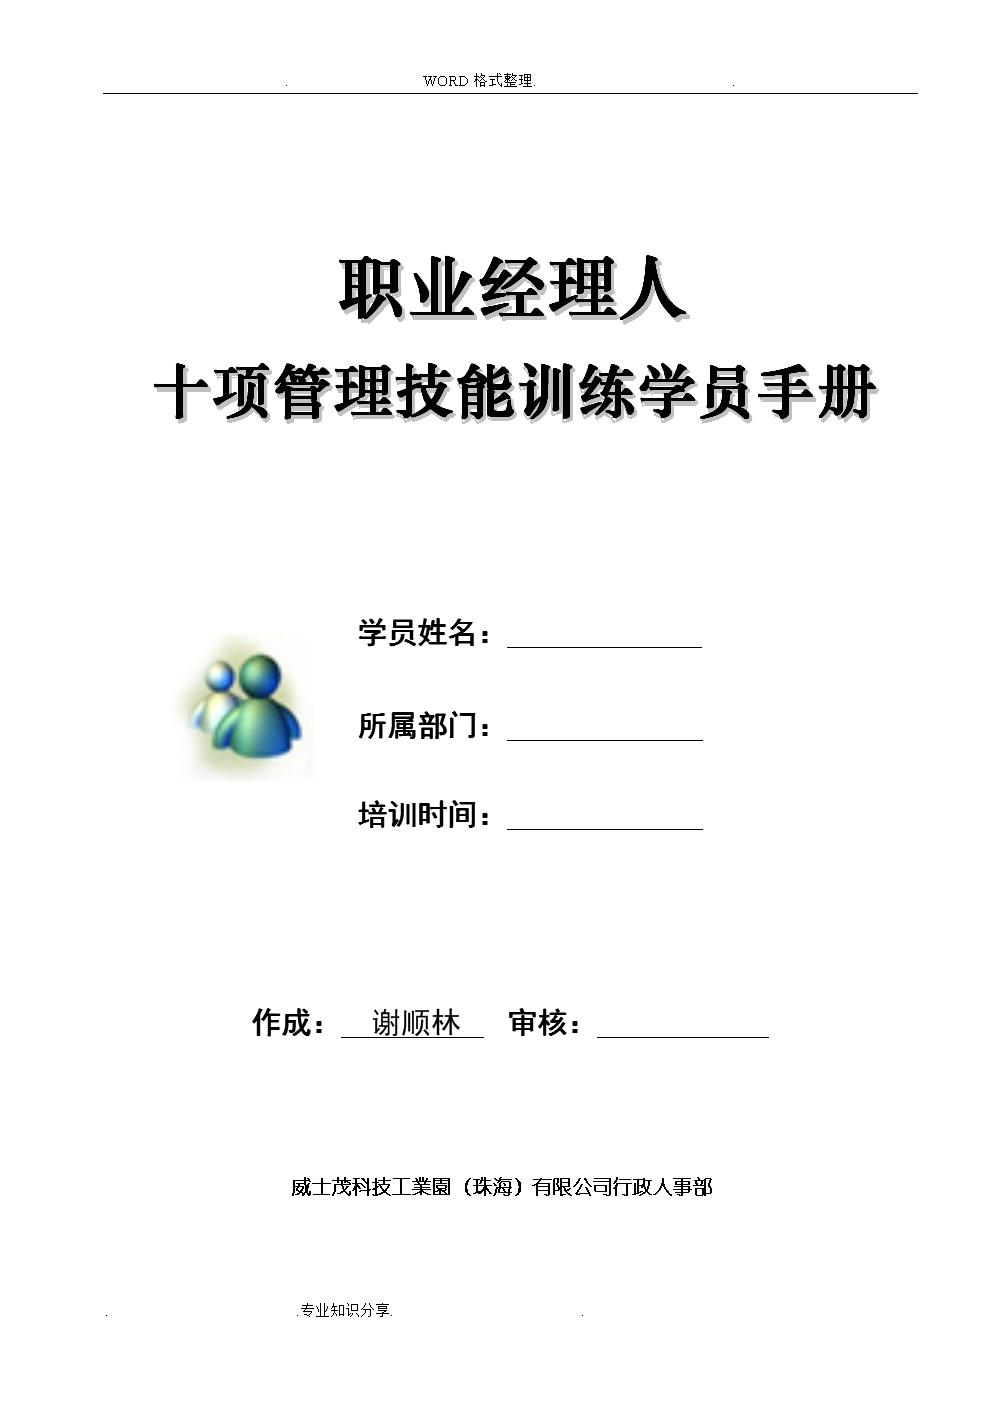 业大学人事处_审核:                威士茂科技工业园(珠海)有限公司行政人事部